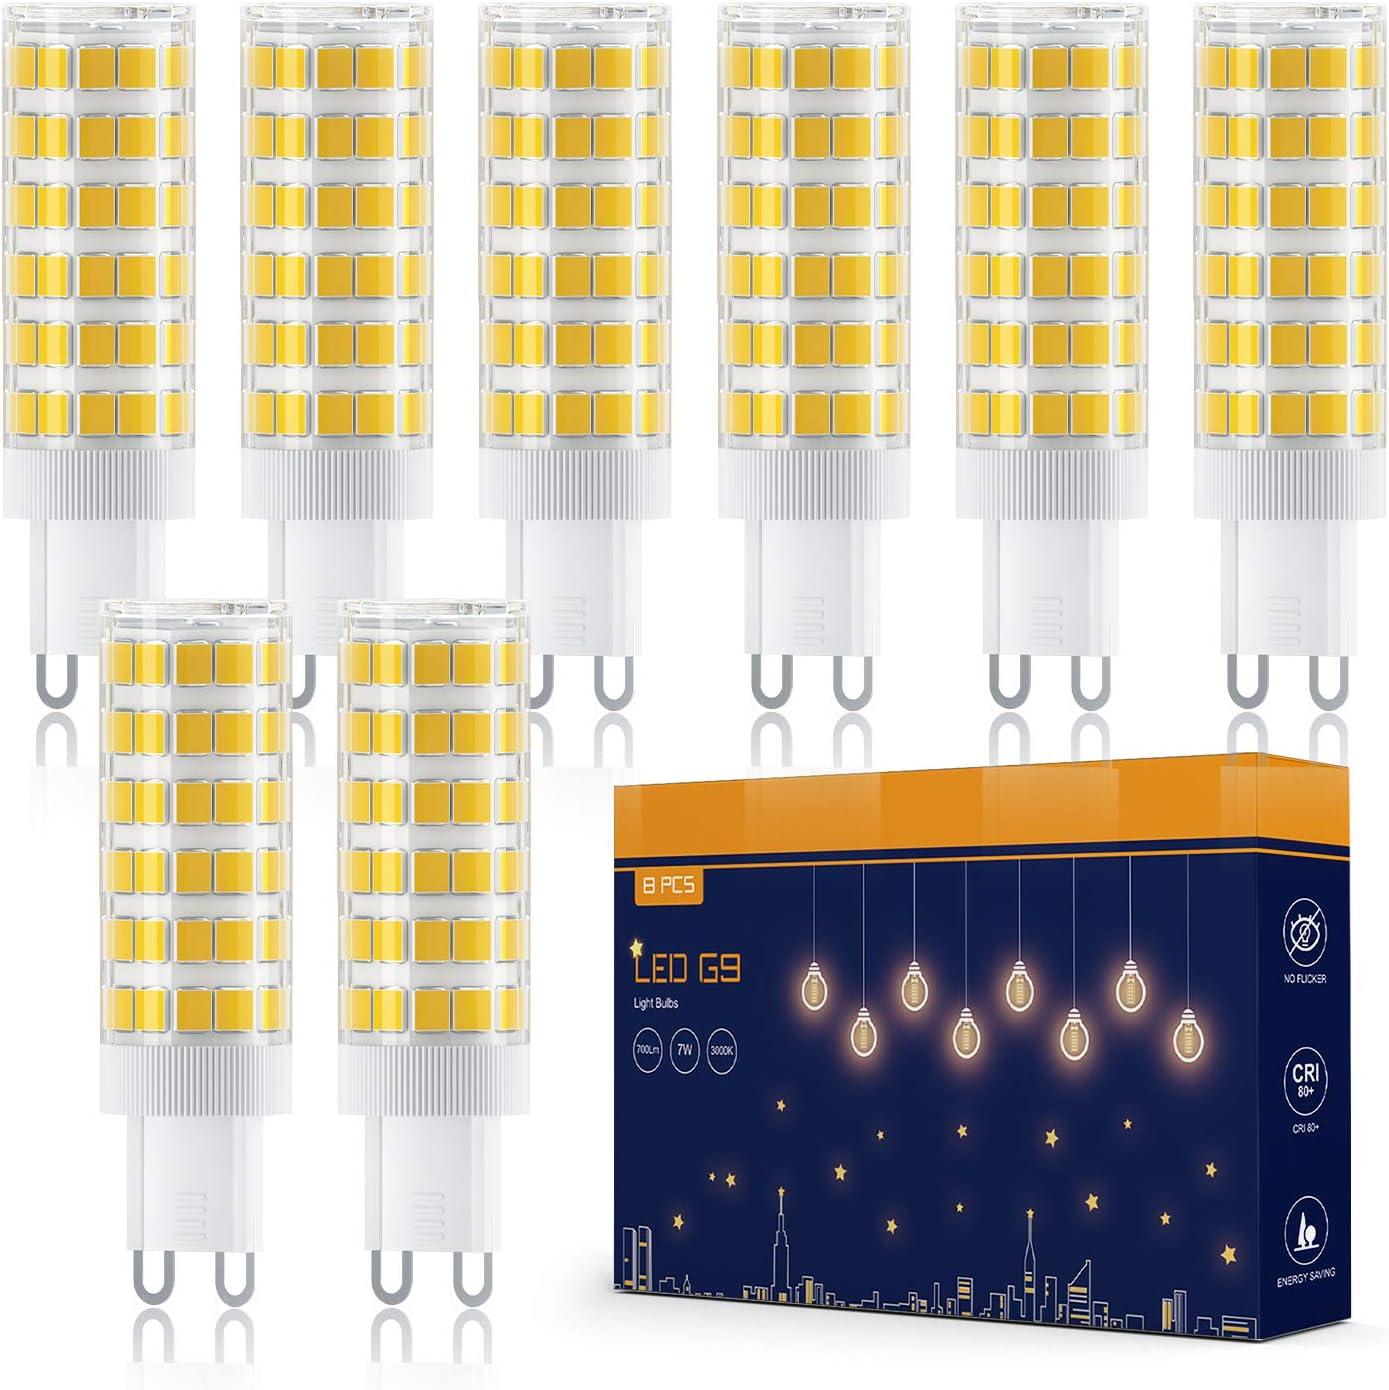 Bombilla LED G9, Tasmor 8 Unidades Bombillas LED Luz Cálida 7W, Equivalente a 70W Lampara Halógena, 700 Lúmenes, Blanco Cálido 3000K, Ángulo de Visión de 360°, Sin Parpadeos, No Regulable